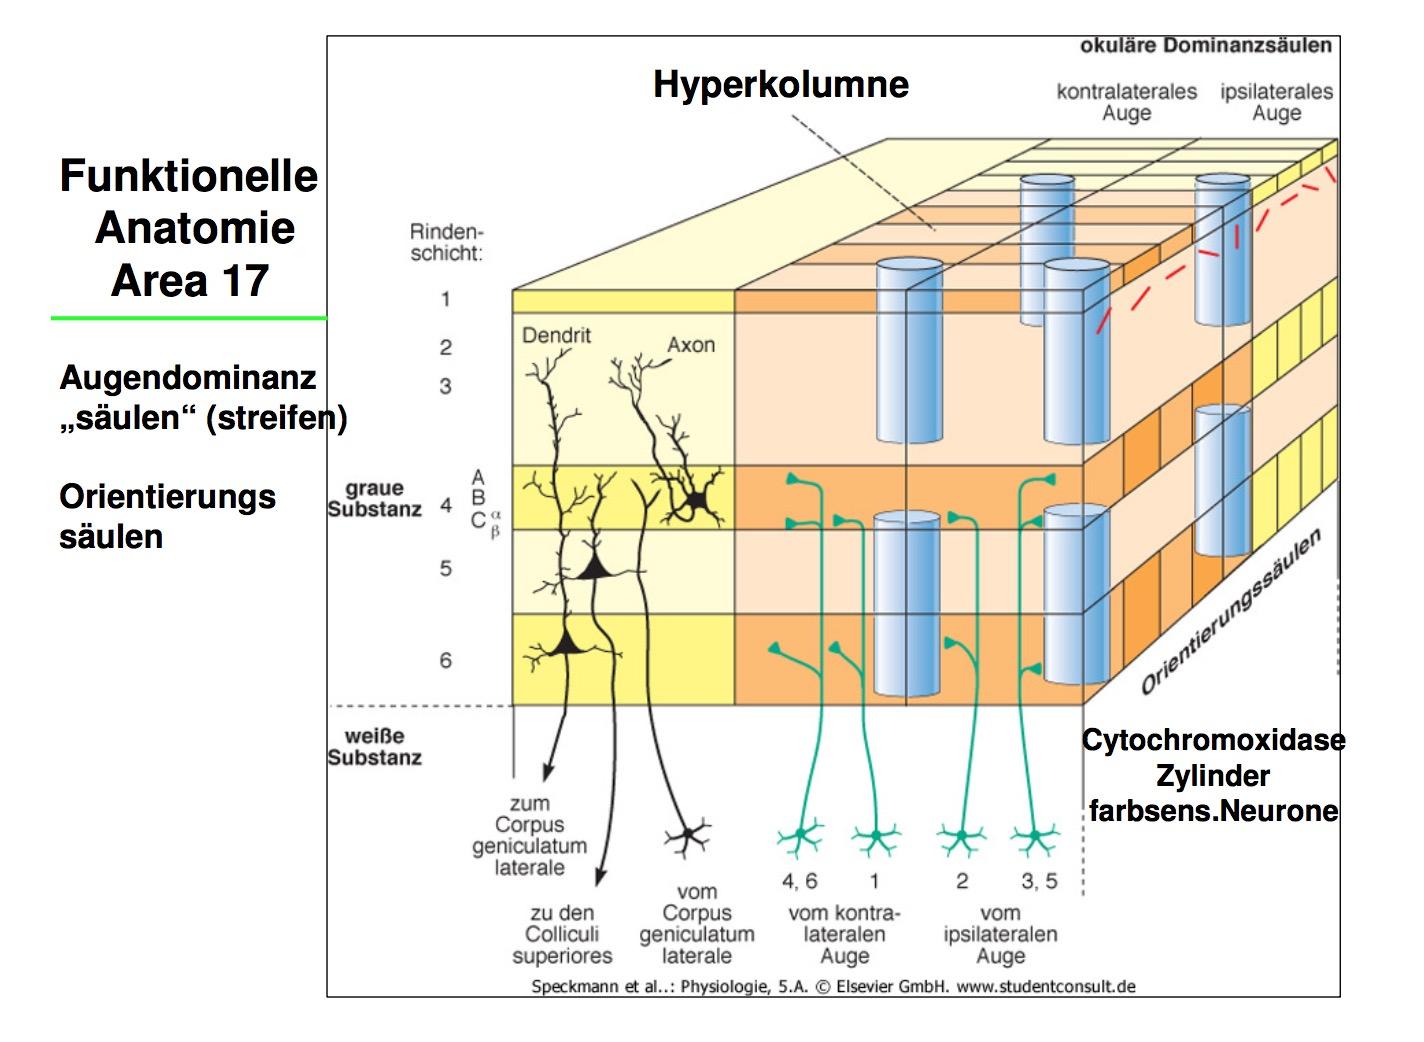 Funktionelle Anatomie Area 17AugendominanzsäulenOrienti ...